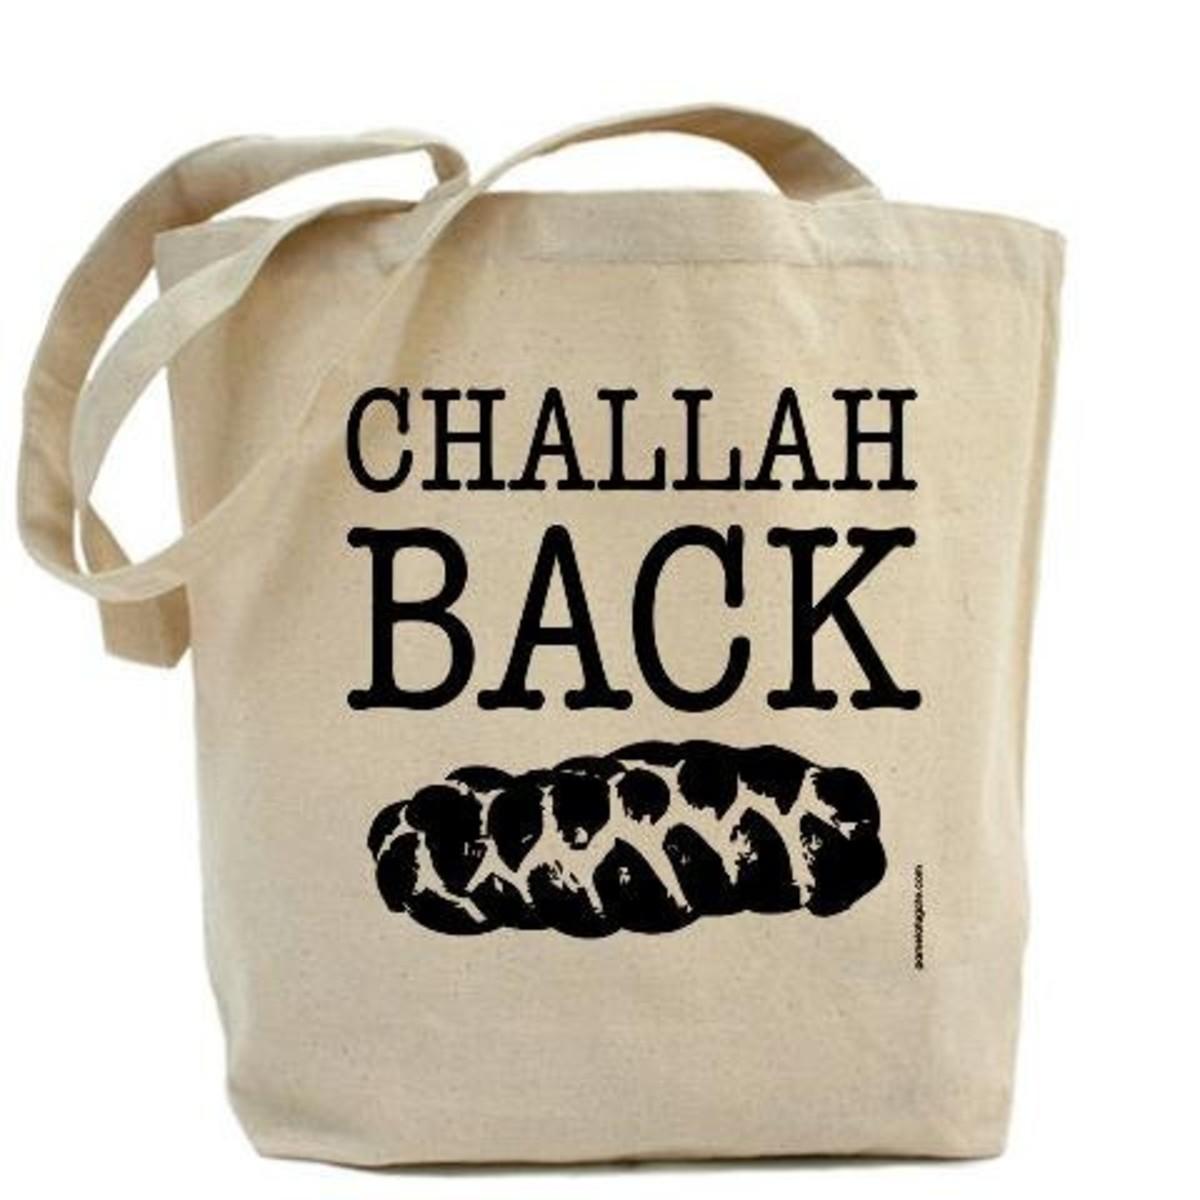 challah back